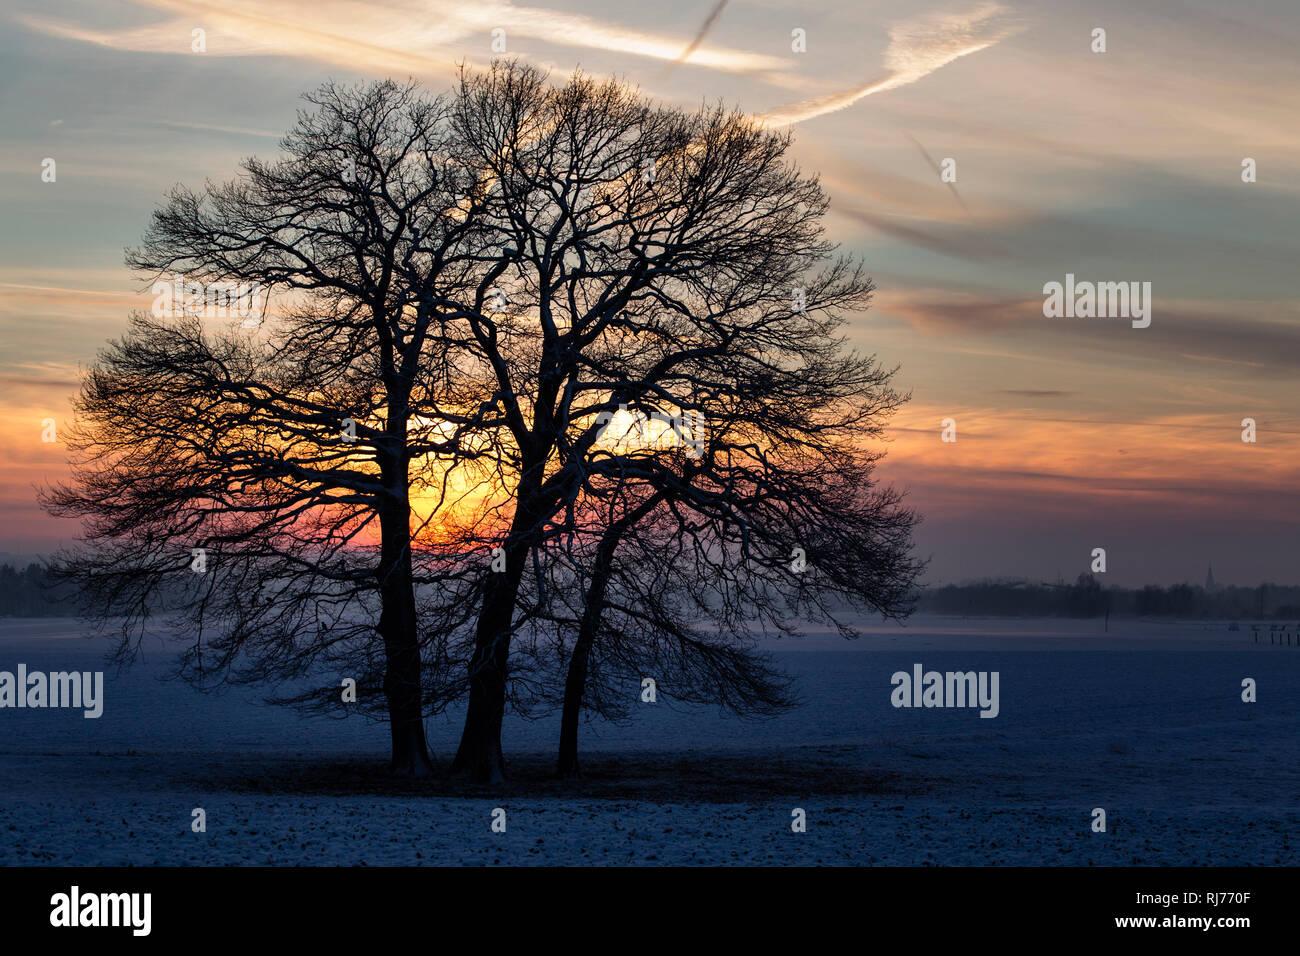 Eichen (Quercus robur) auf einem Feld, Winter, Abenddämmerung, Stock Photo